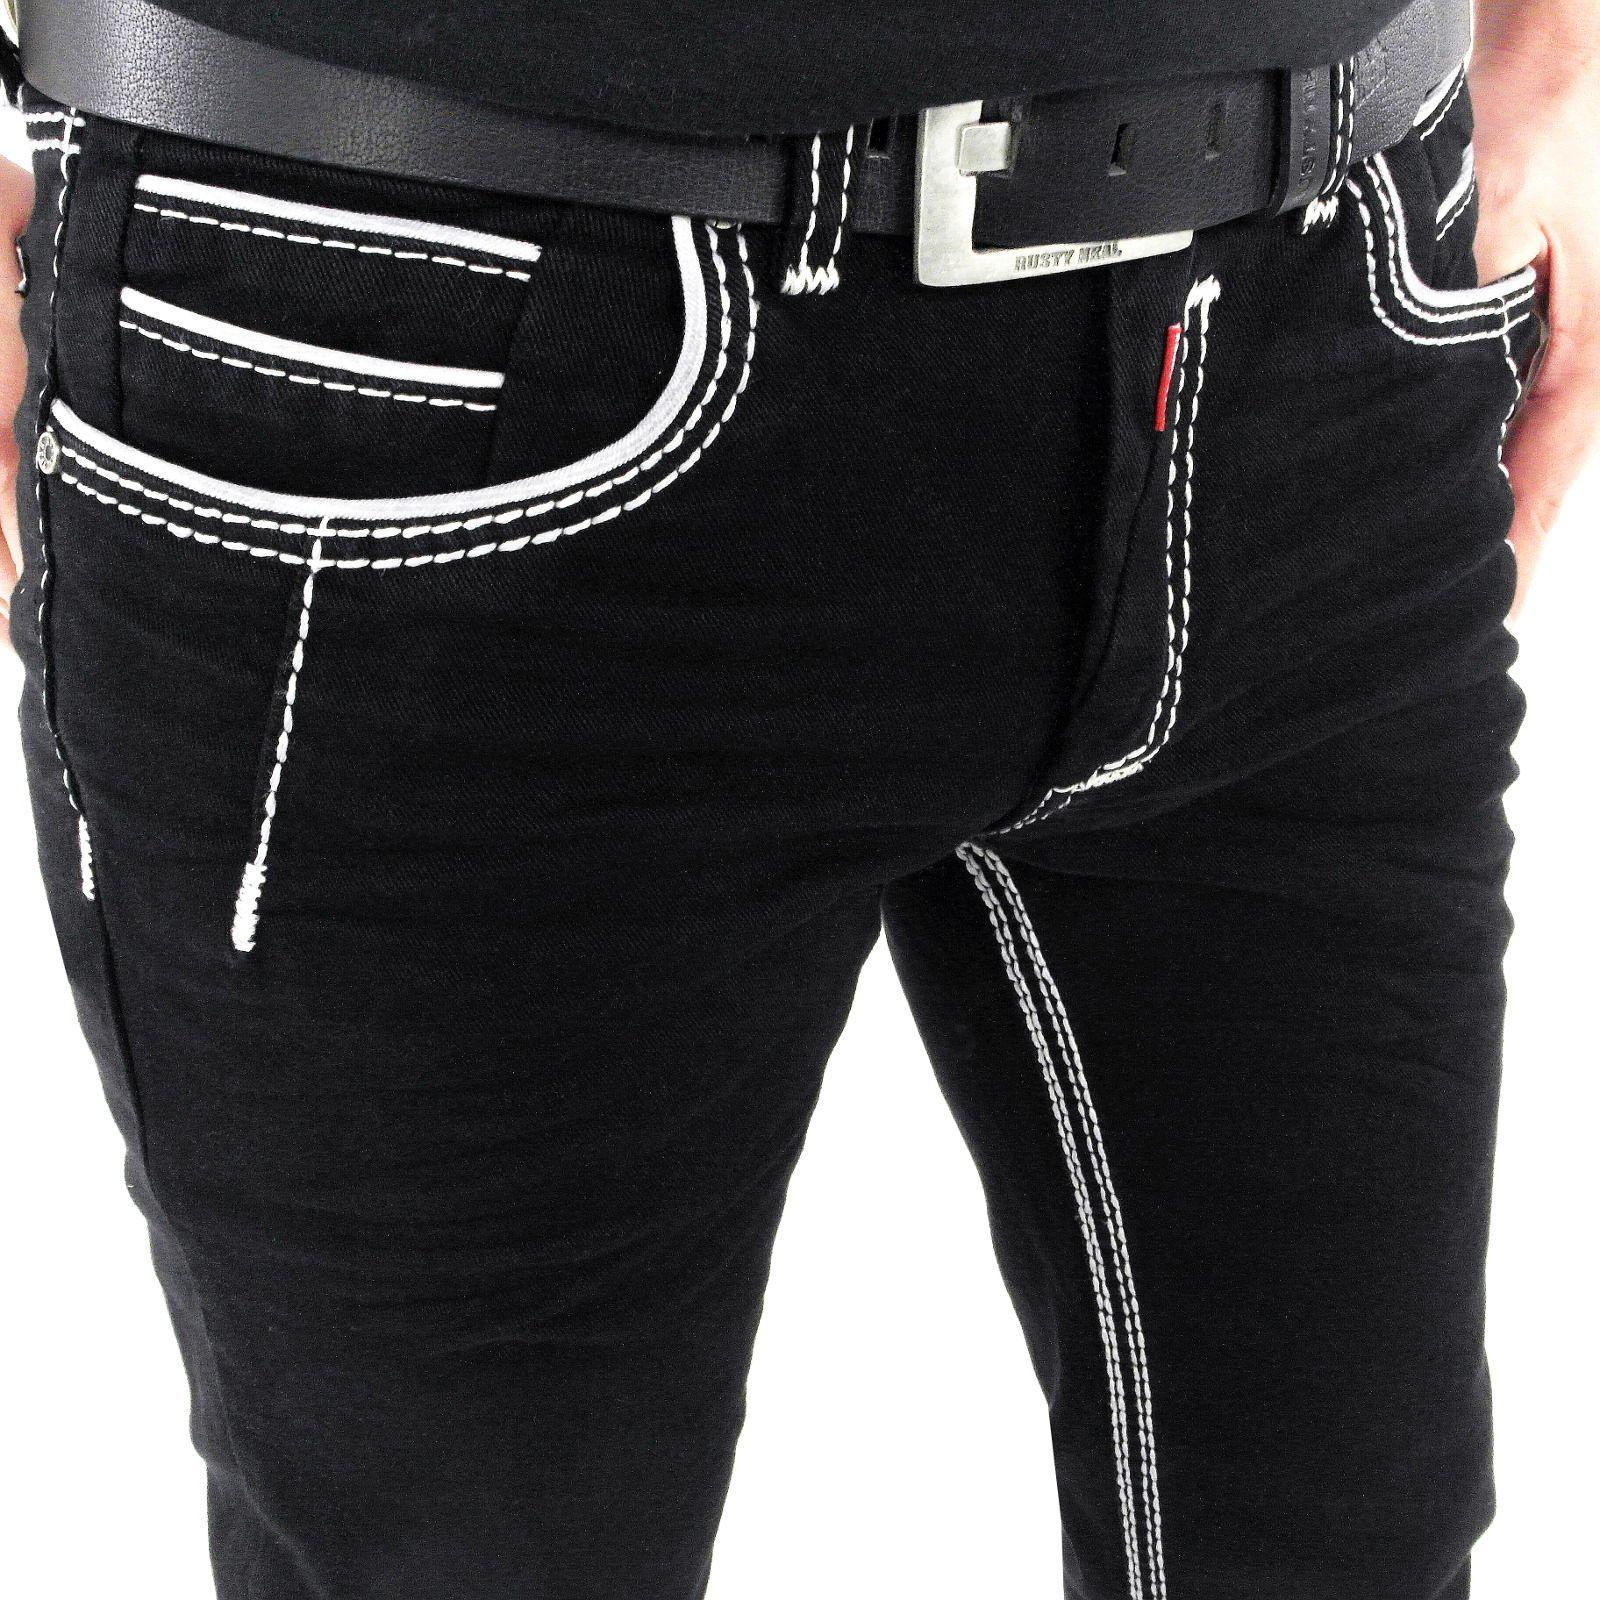 Stylische Herren Jeans Slim Fit in schwarz mit weißen dicken Nähten   stylefabrik  männer   f6a4860b75